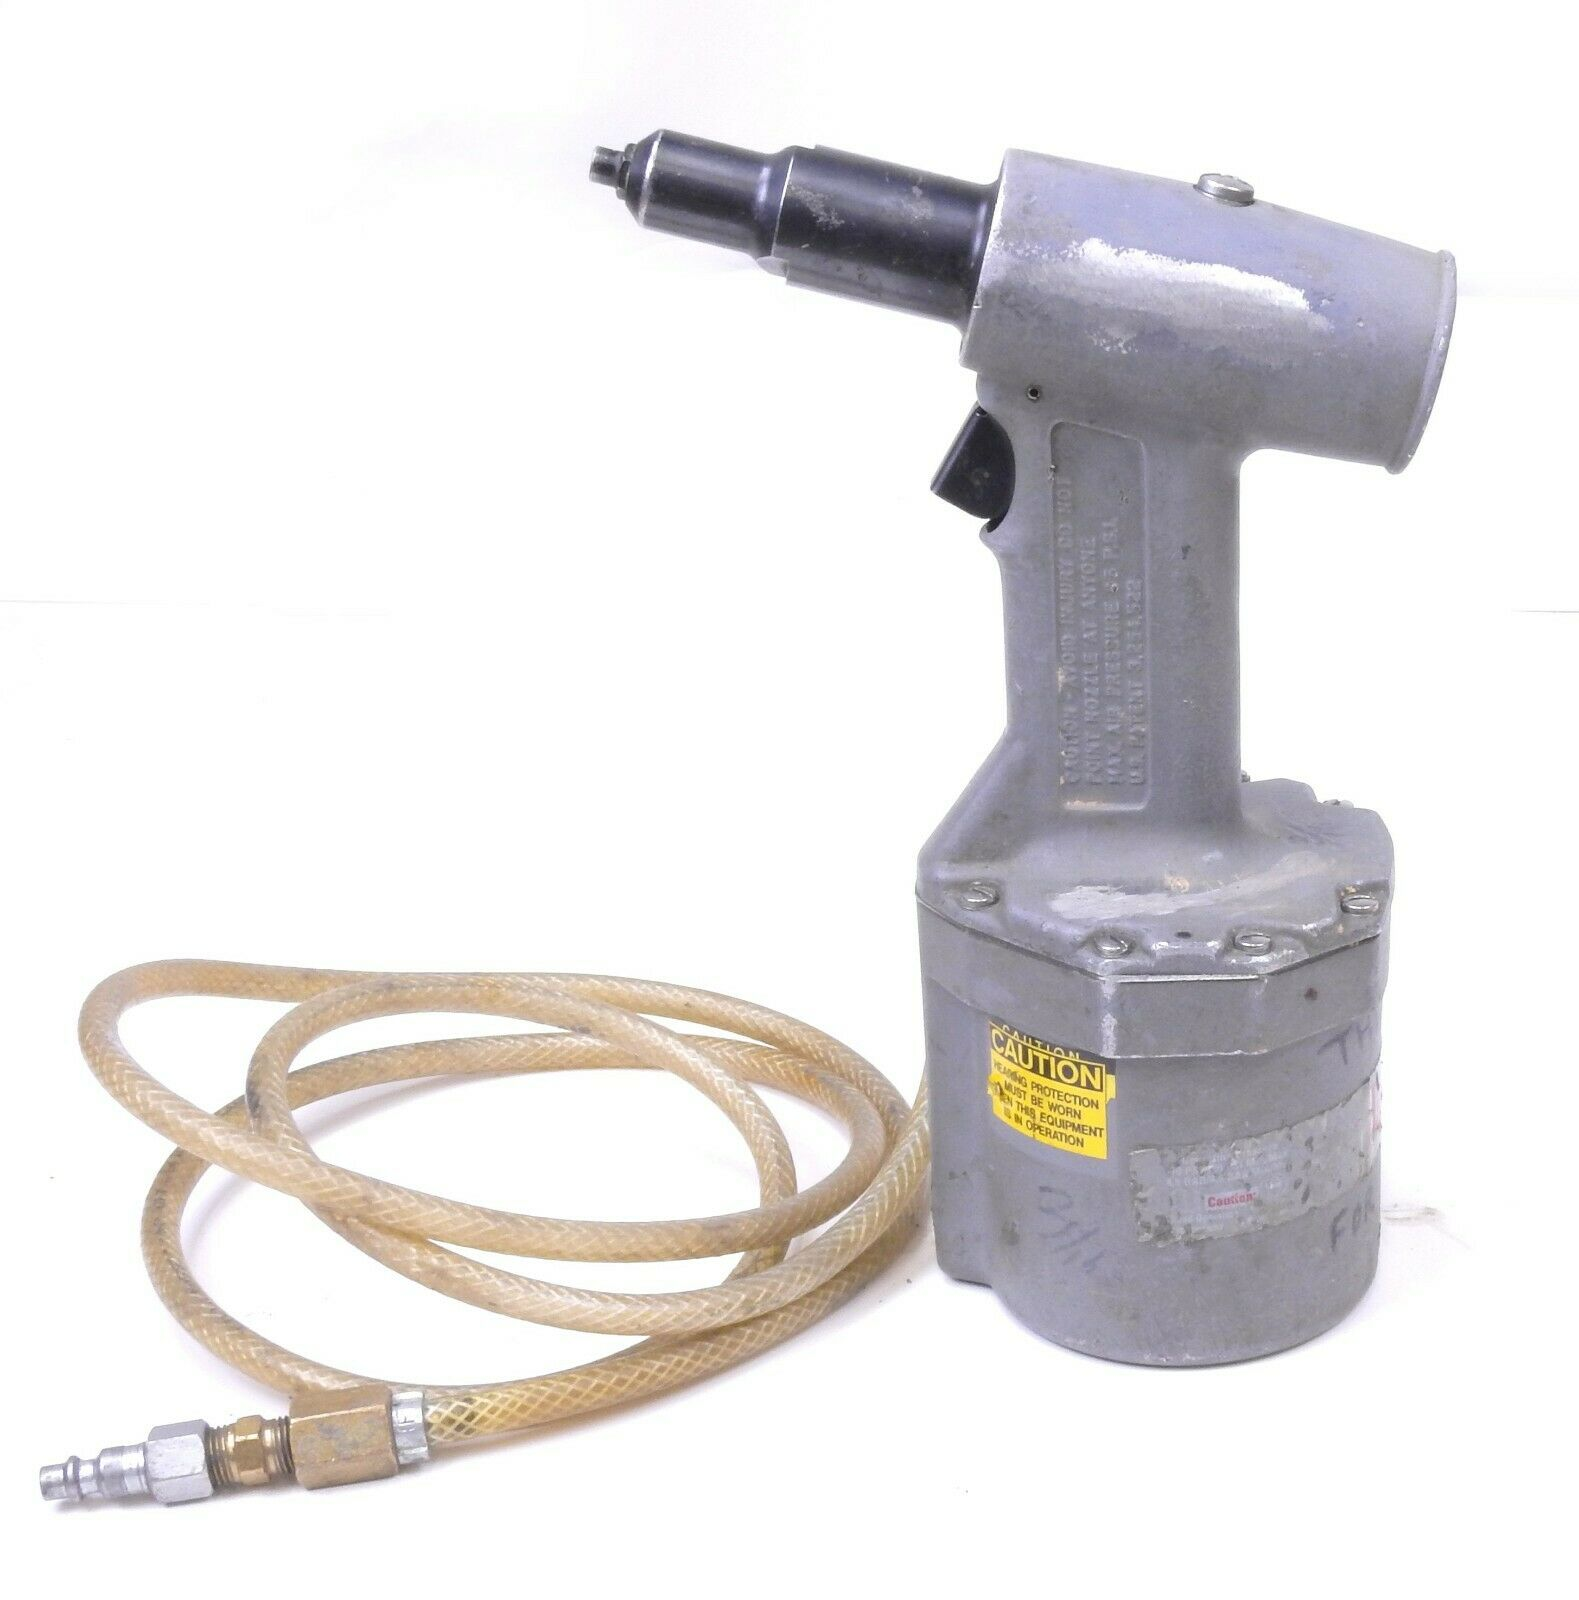 Emhart Pop Industrial Pneumatic Rivet Gun PRG540